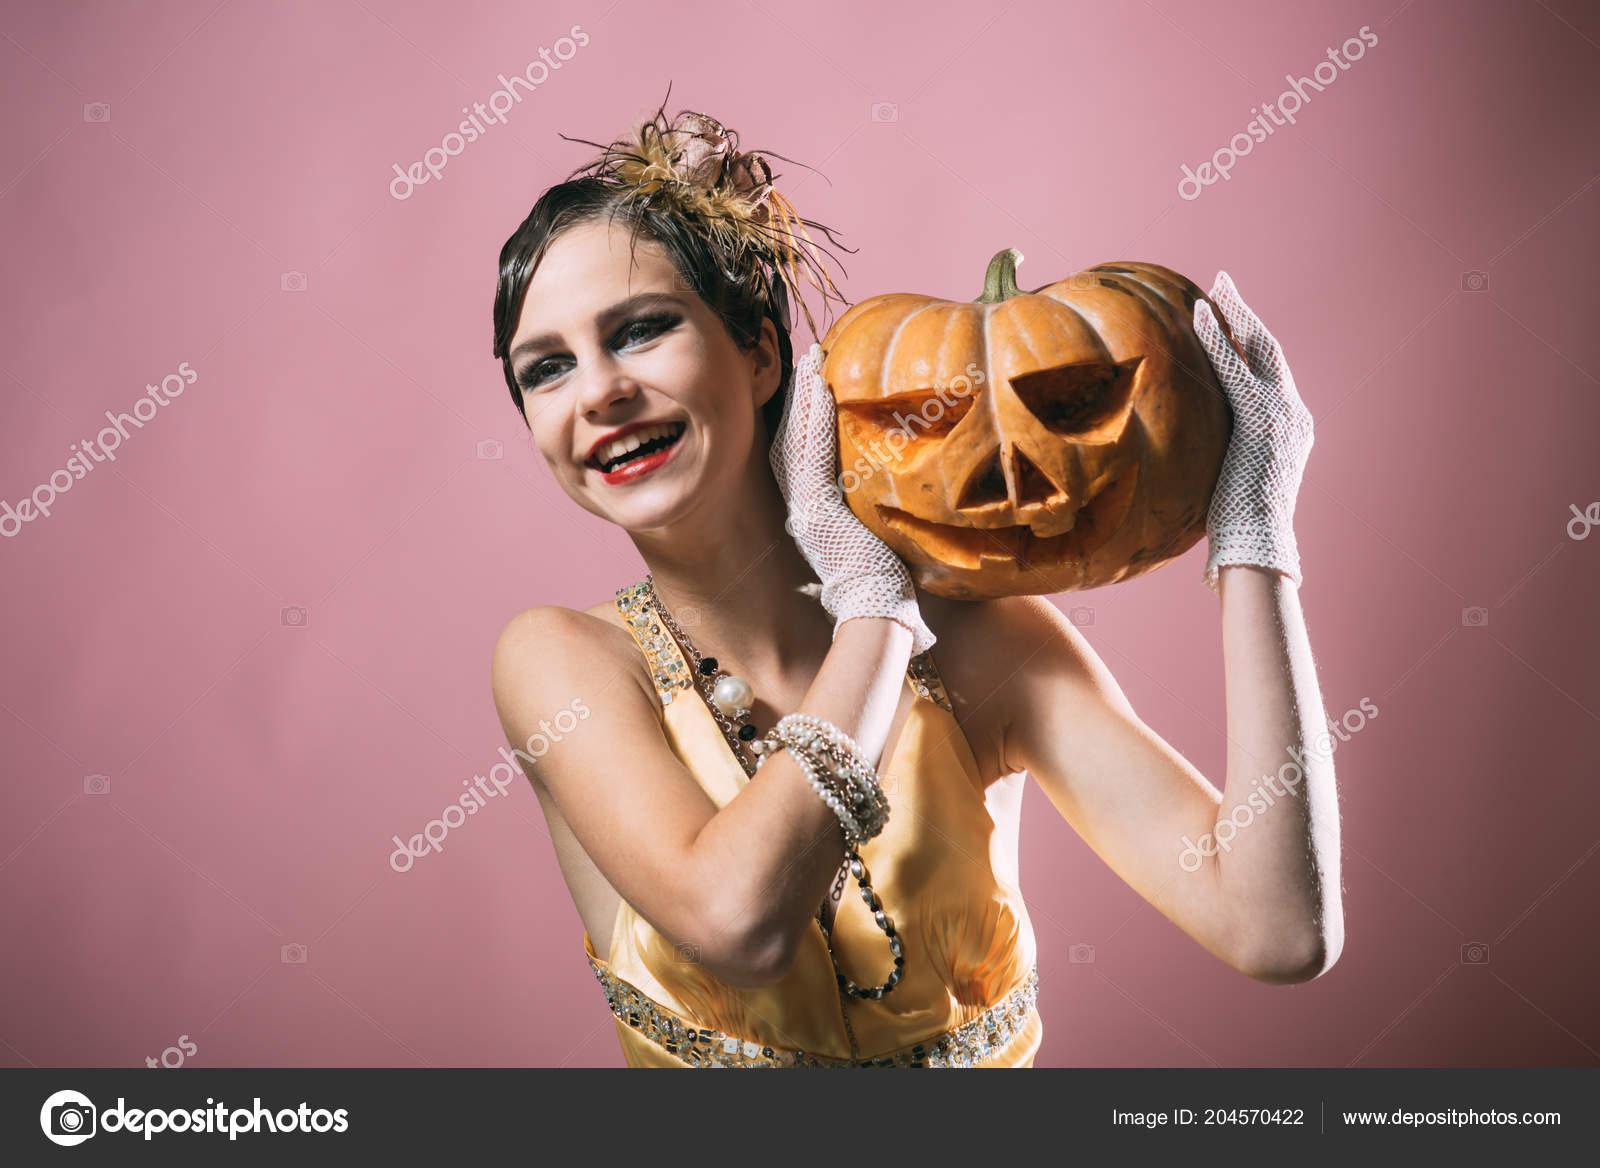 3db1364487 Halloween Pin up bonito modelo en fondo rosa. Chica en vestido amarillo con  calabaza. Moda belleza y vintage. celebración del día de fiesta y fiesta de  ...